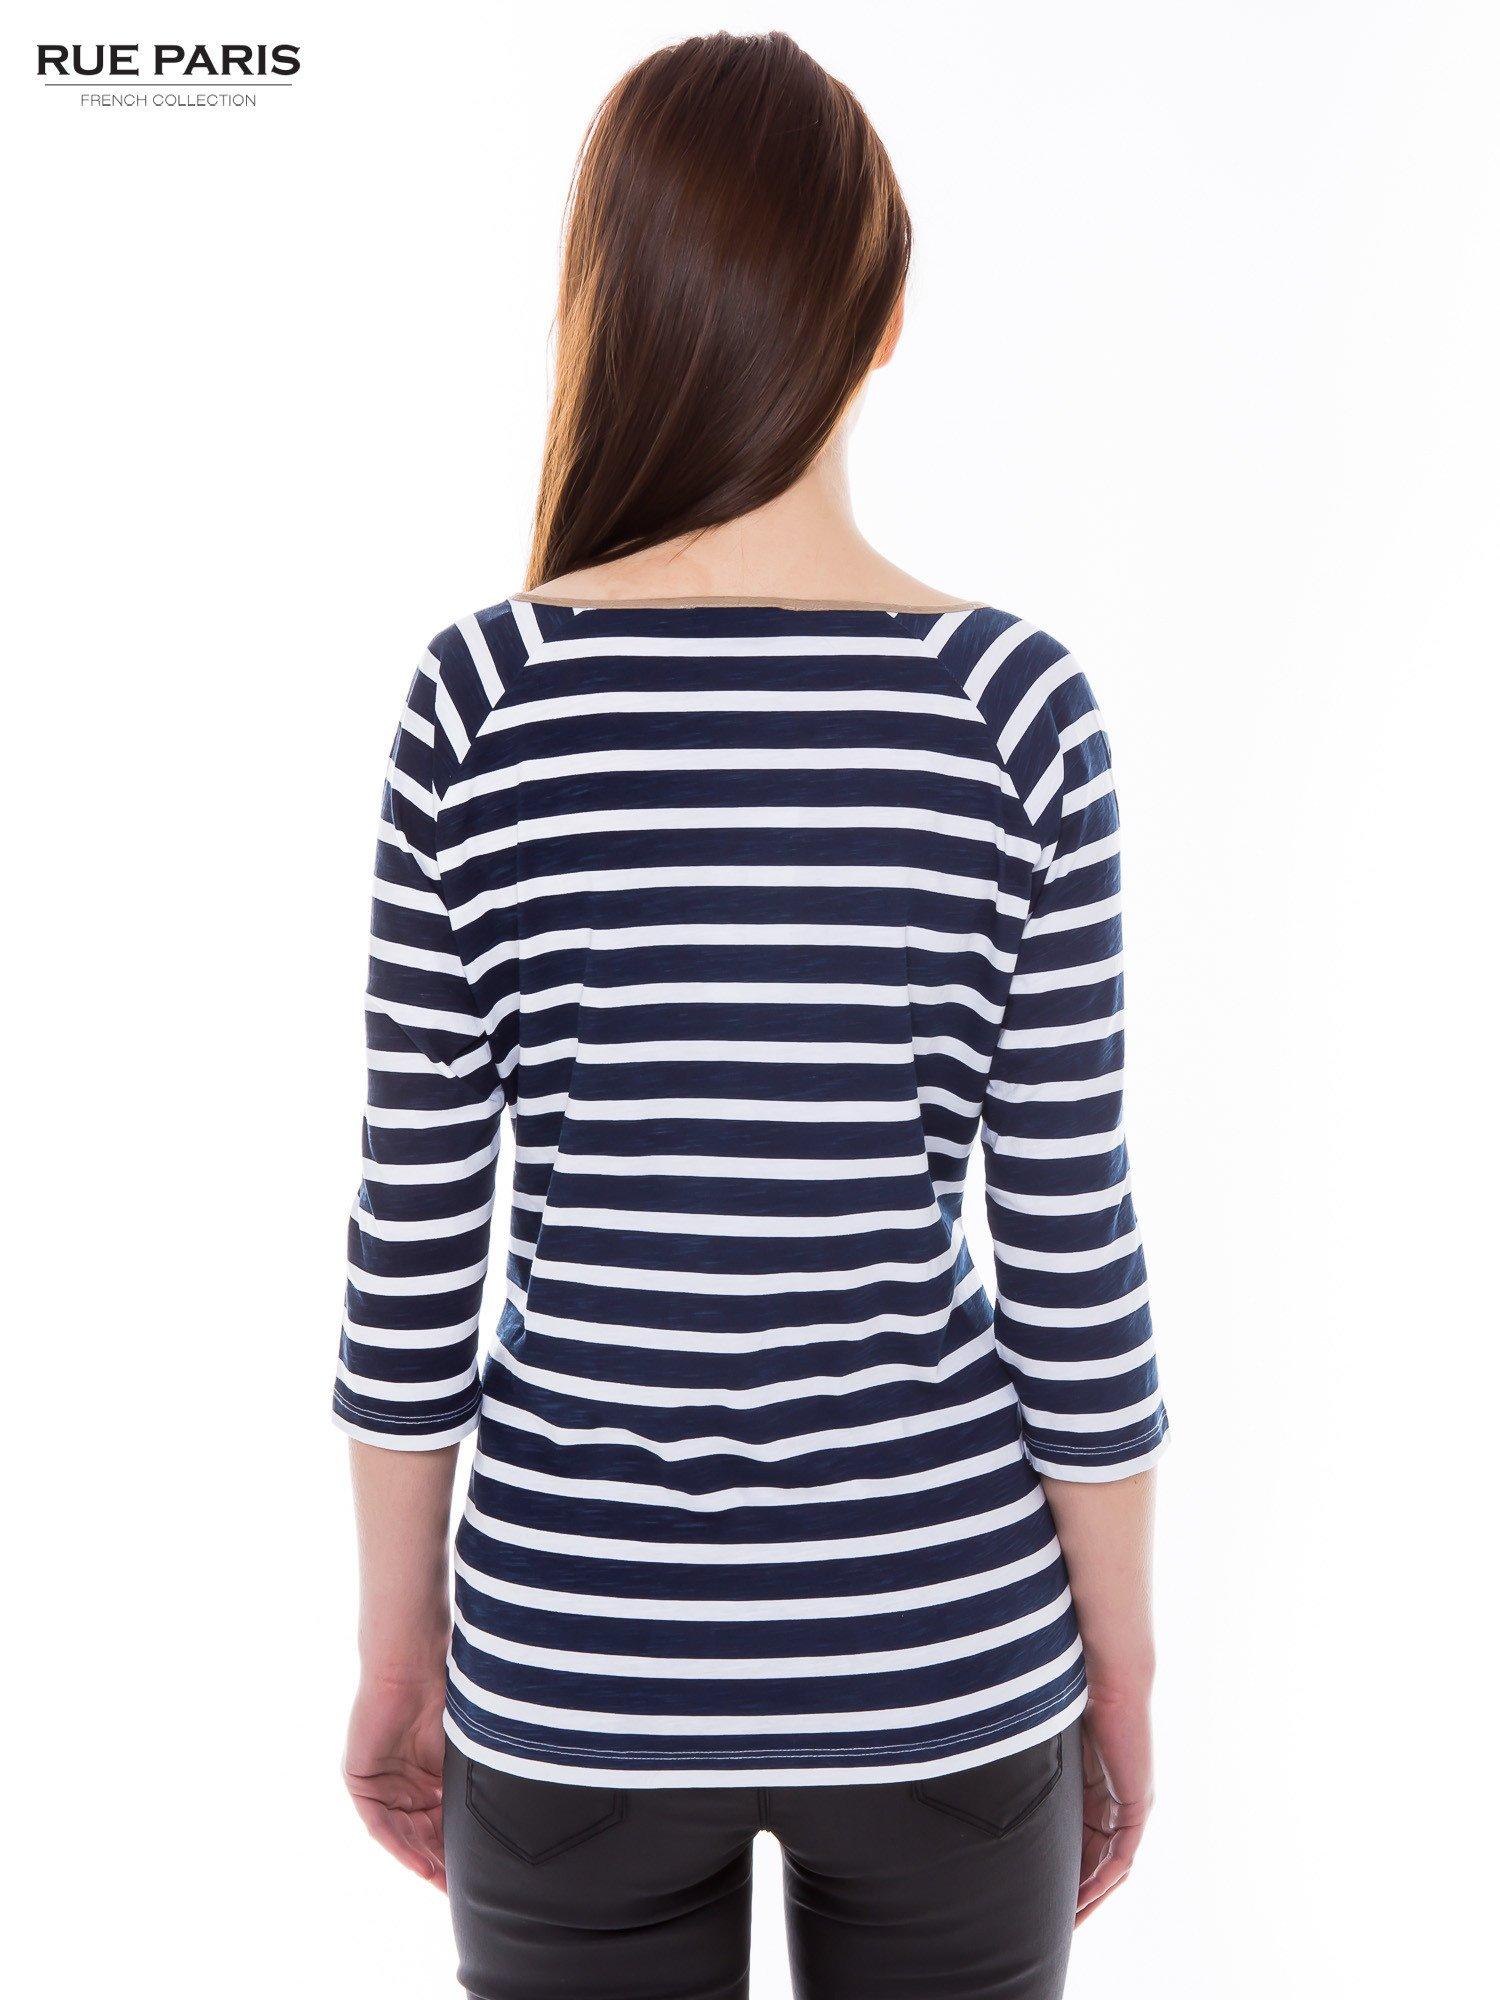 Bawełniana bluzka w biało-granatowe paski w stylu marynistycznym                                  zdj.                                  3